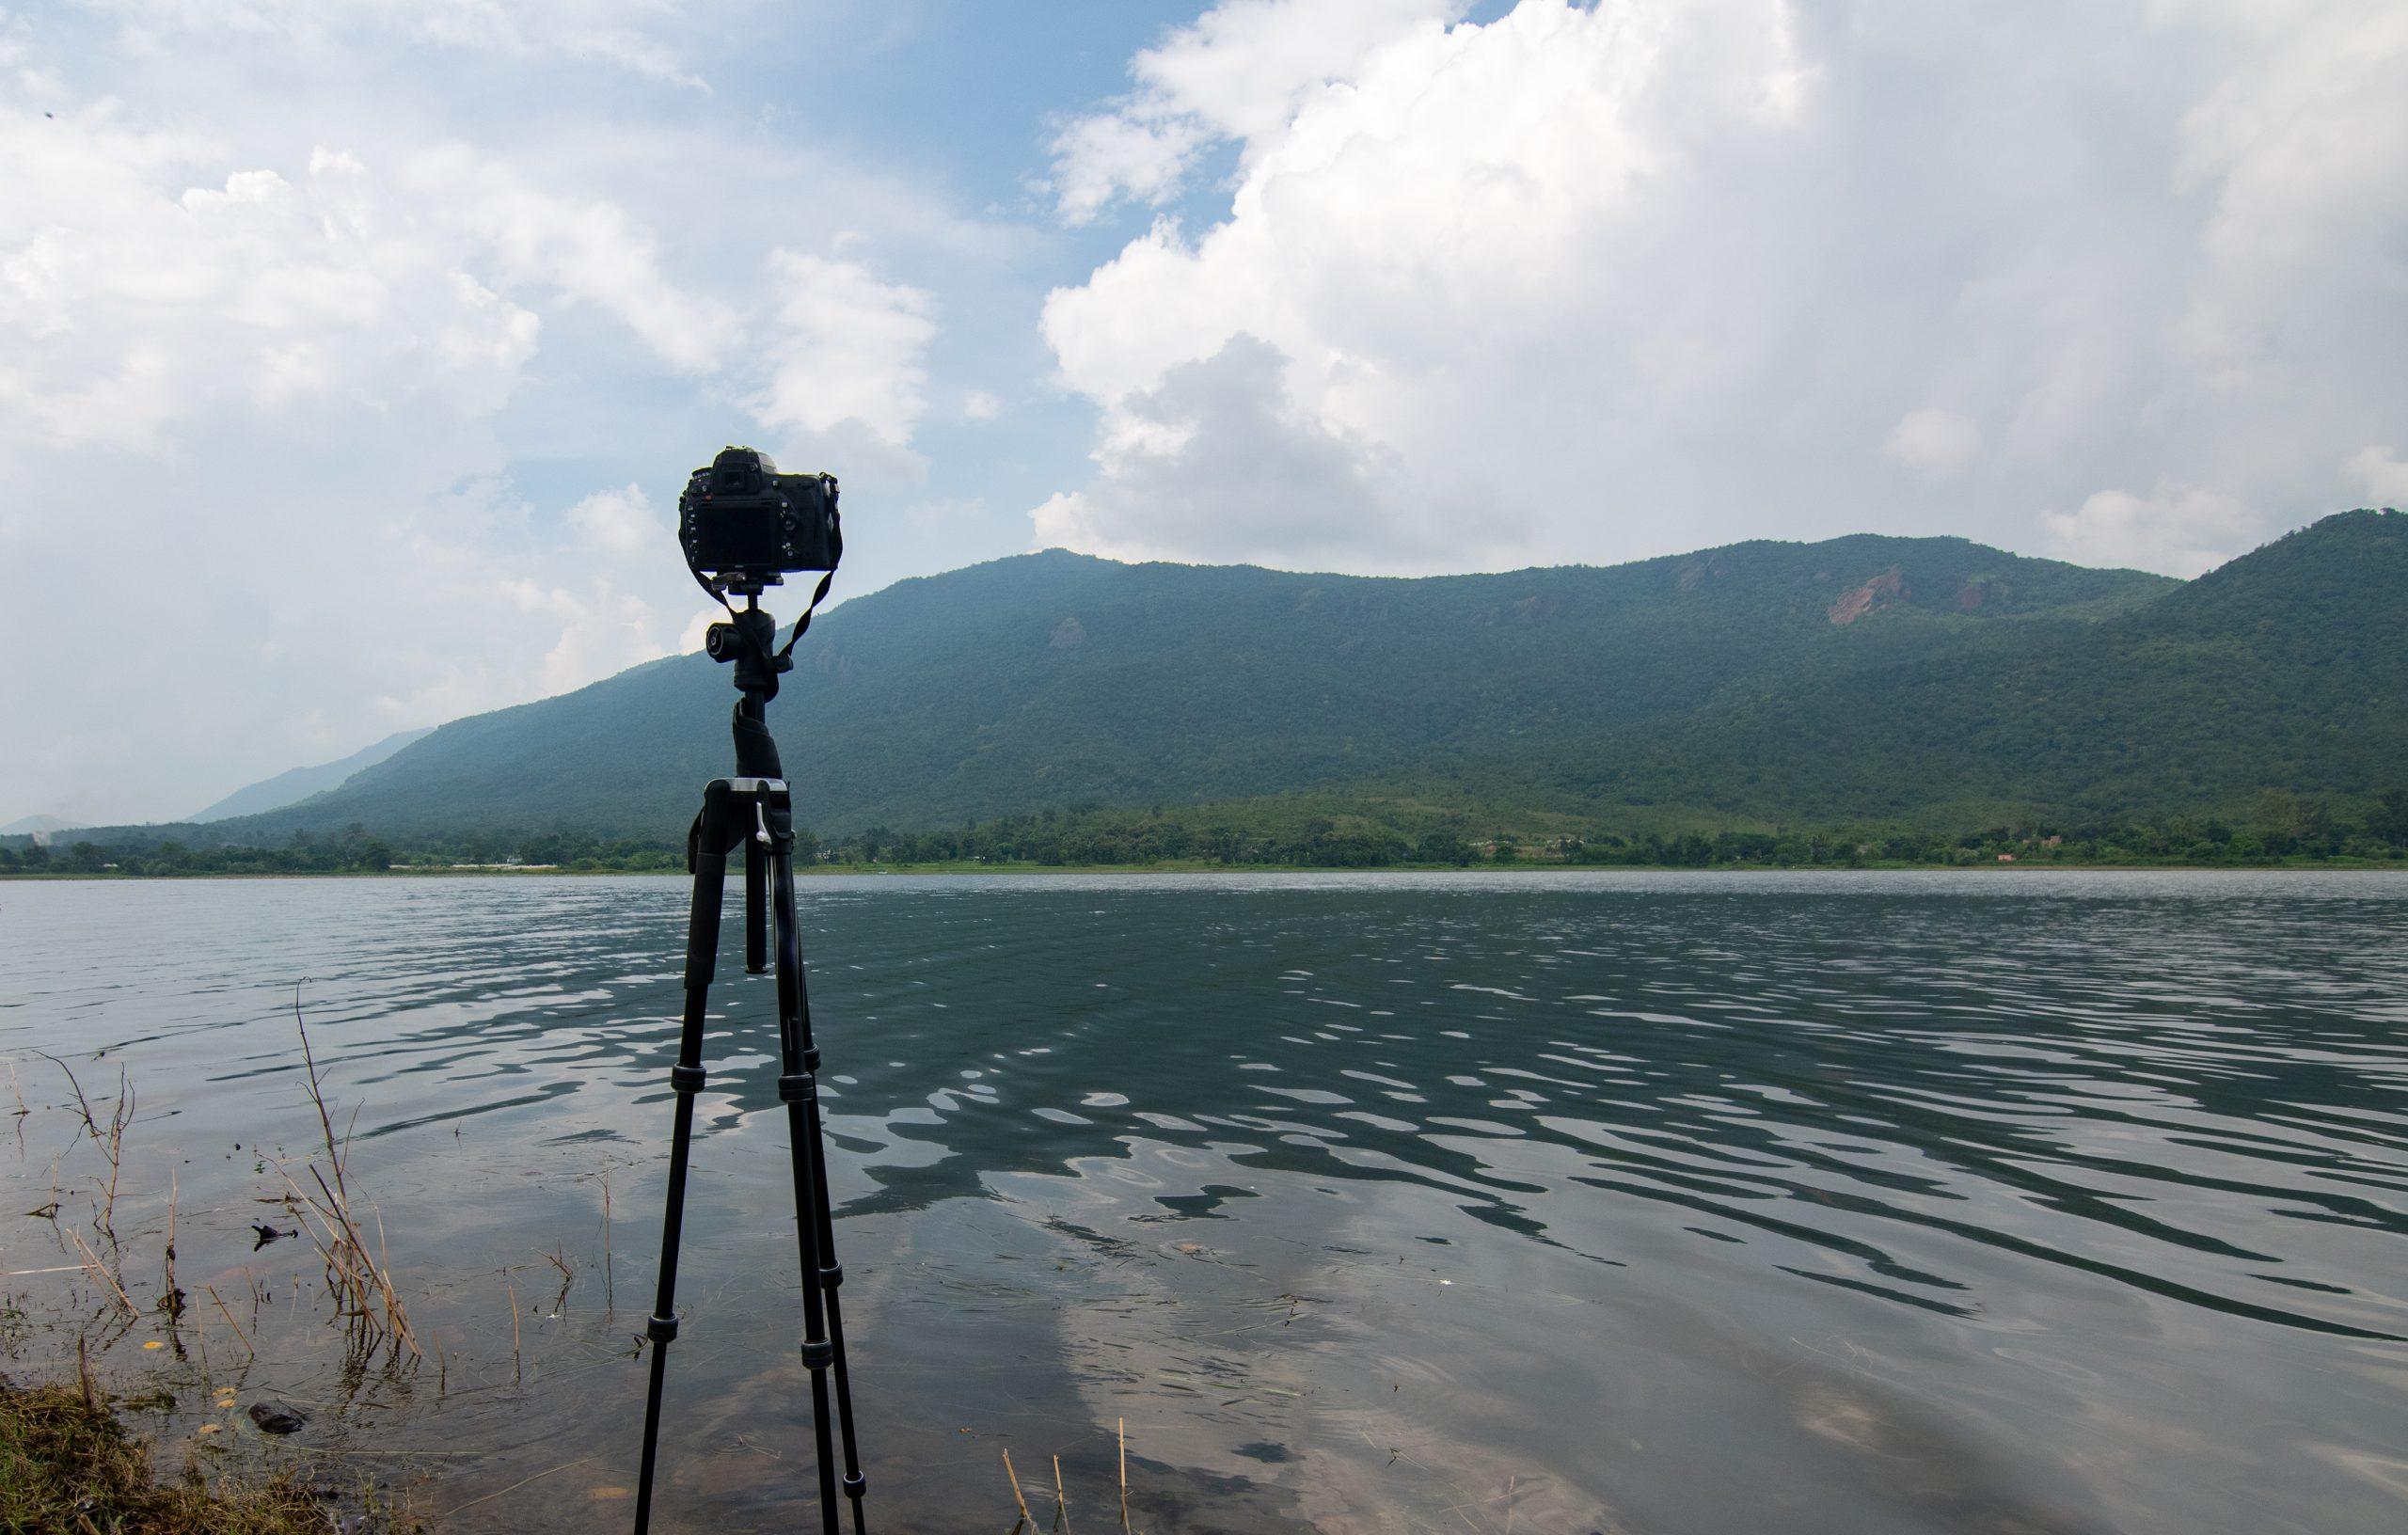 A tripod camera beside a river